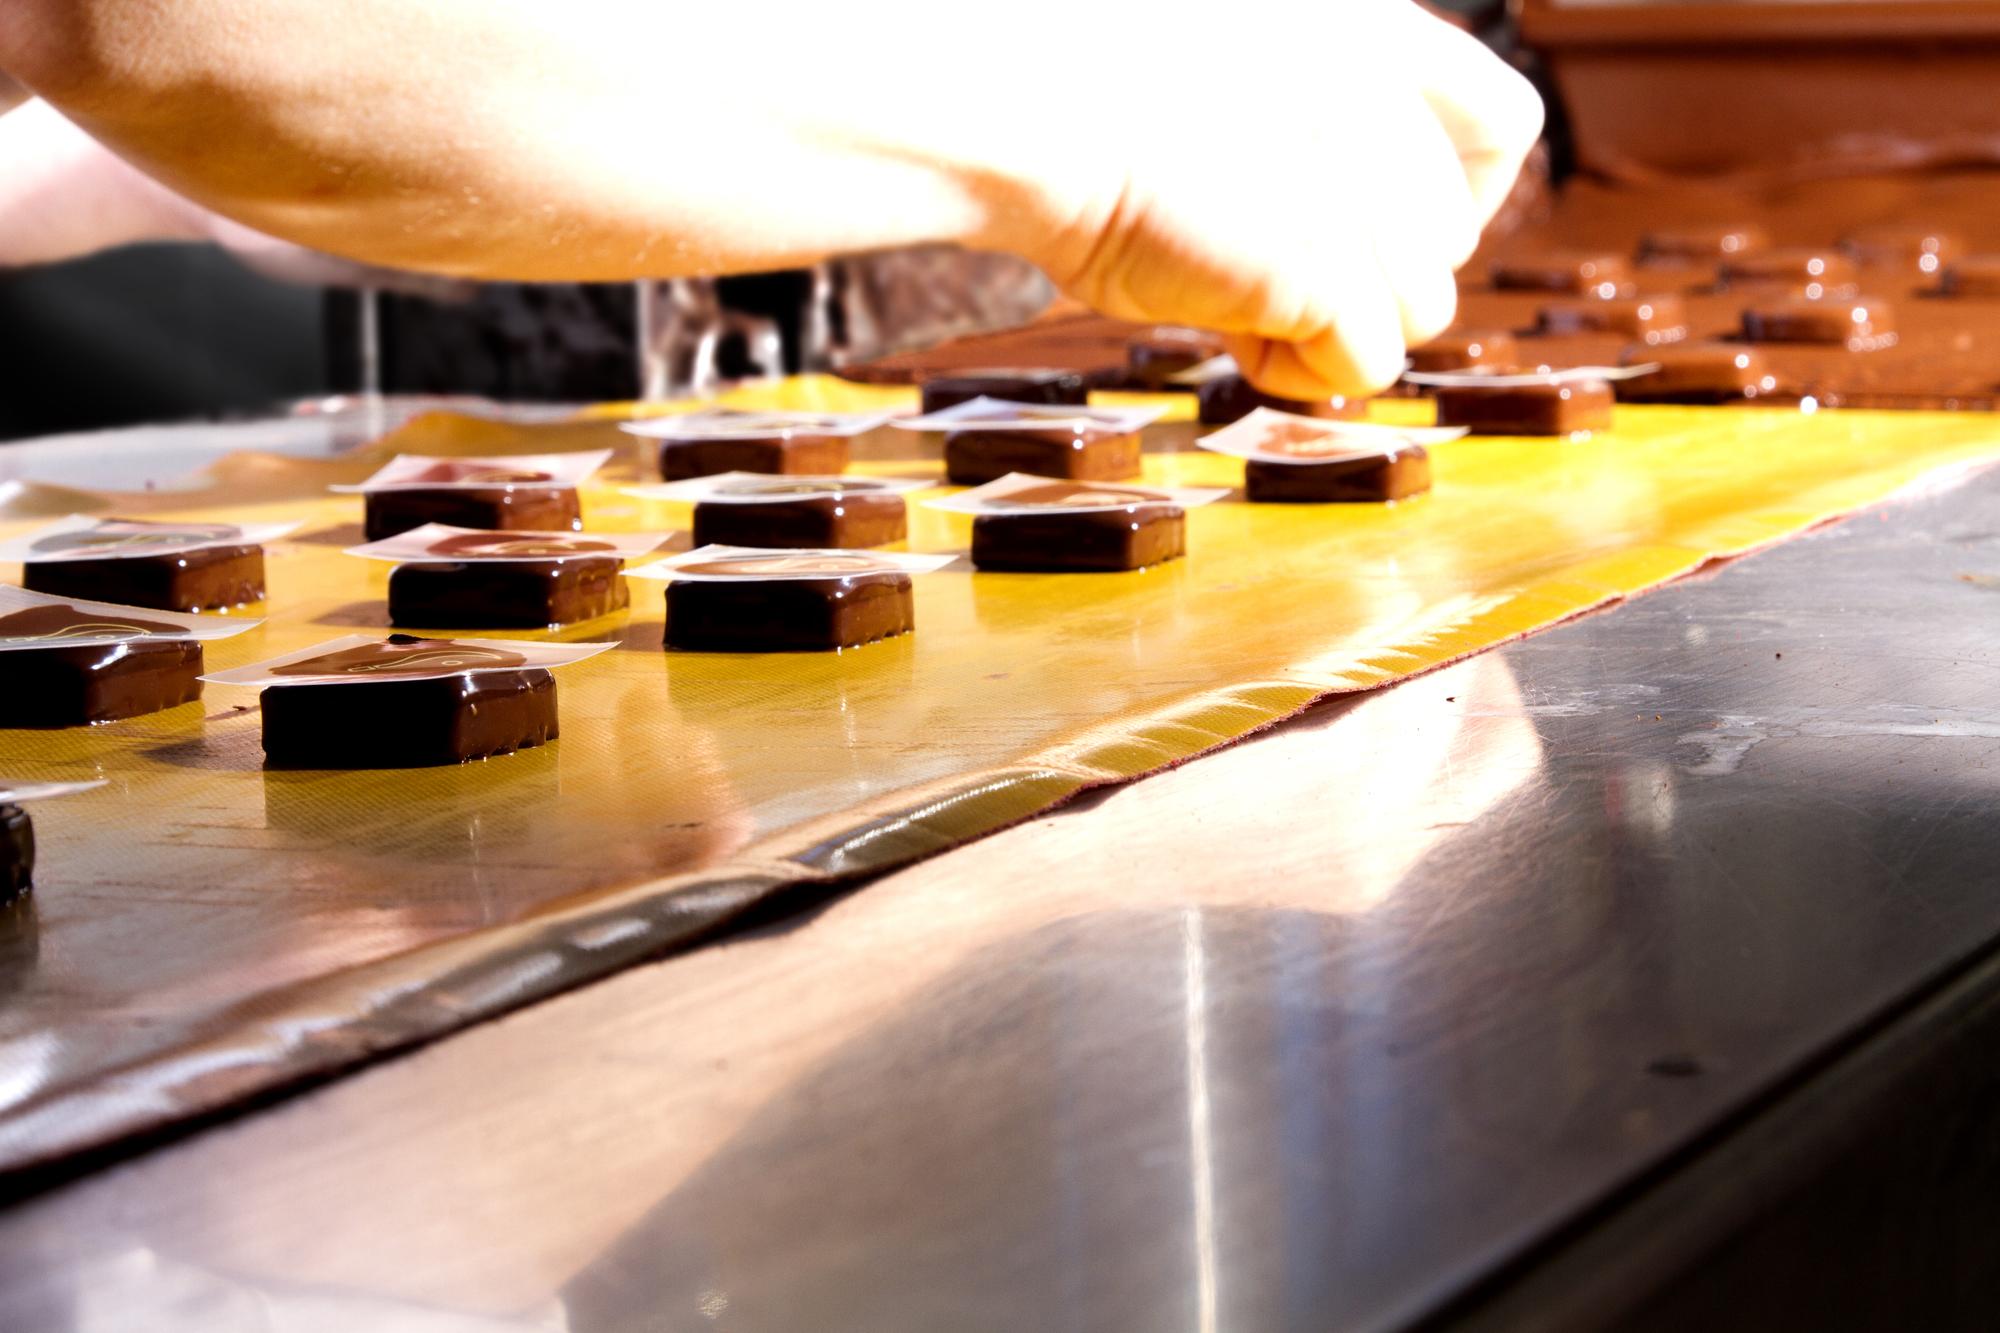 443_antton_chocolatier-1